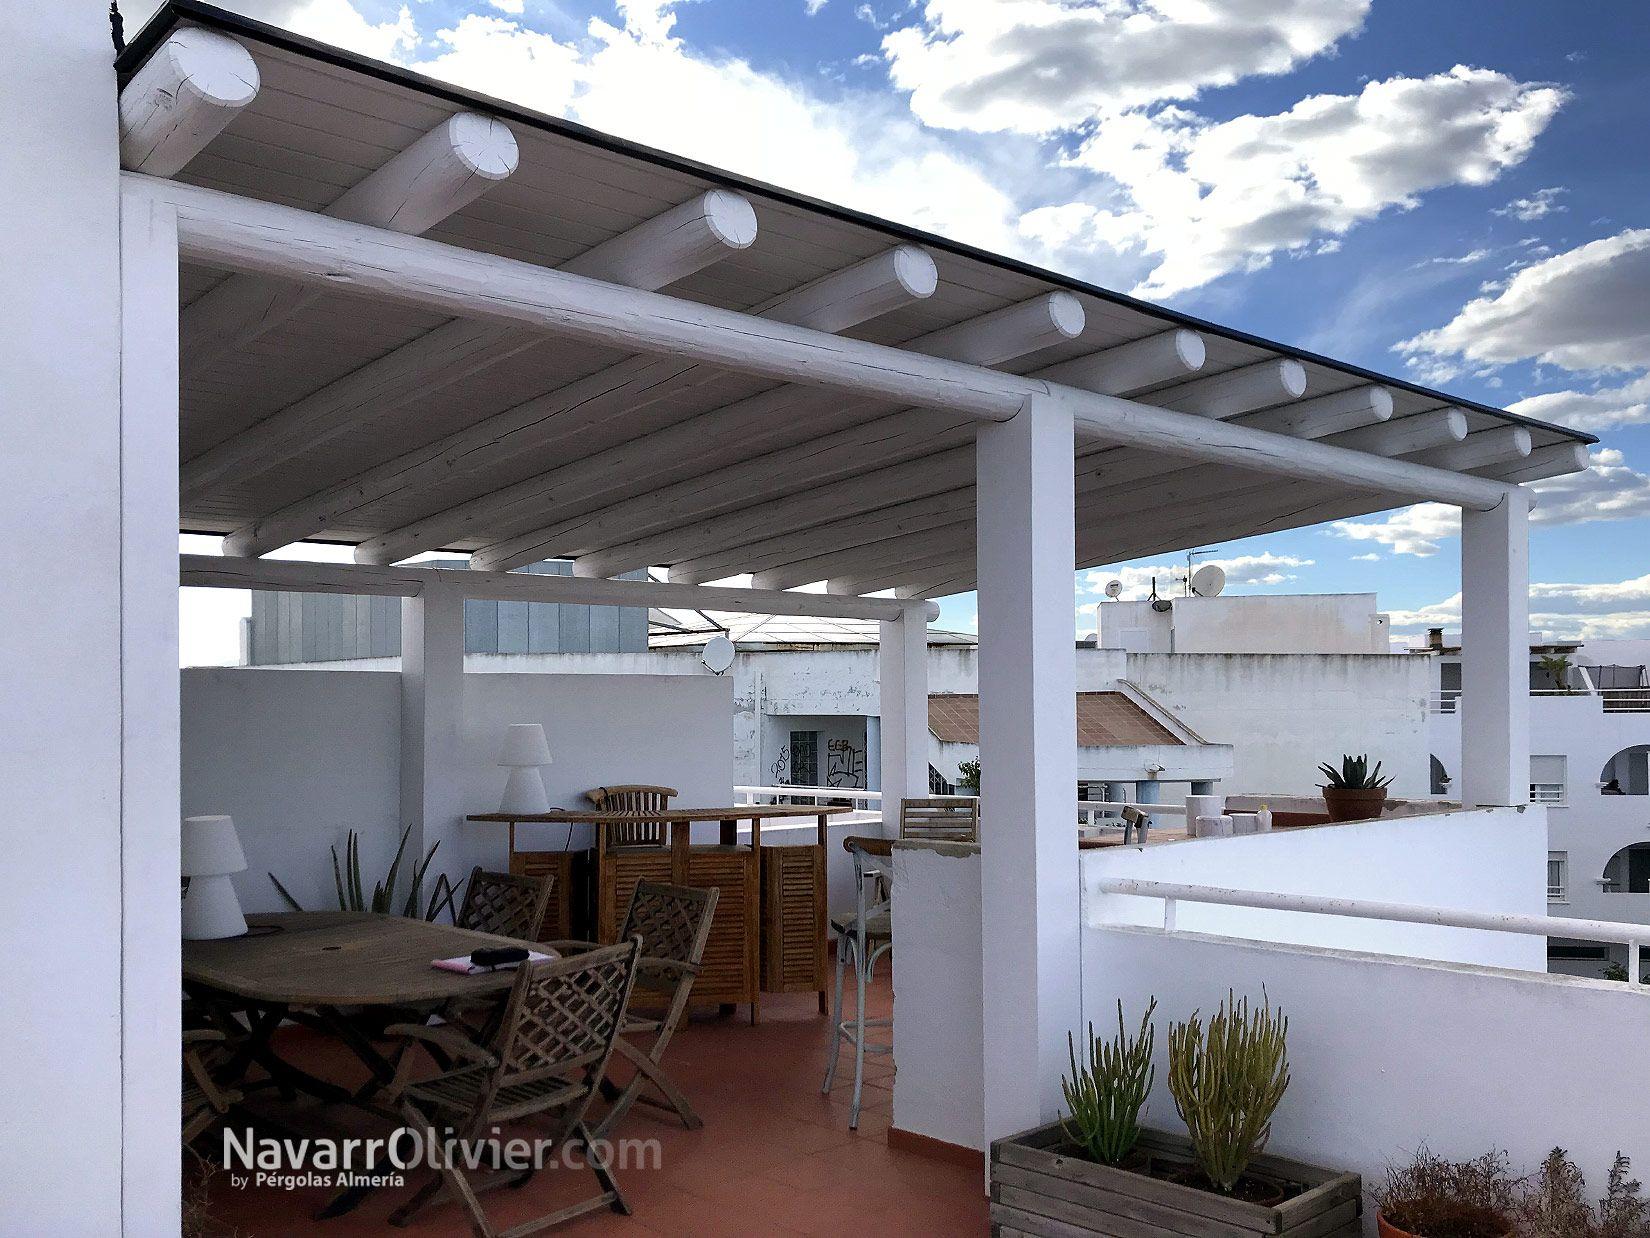 P rgola para tico en puerto rey vera estructura estilo vintage con pilares en madera laminada - Pergola terraza atico ...